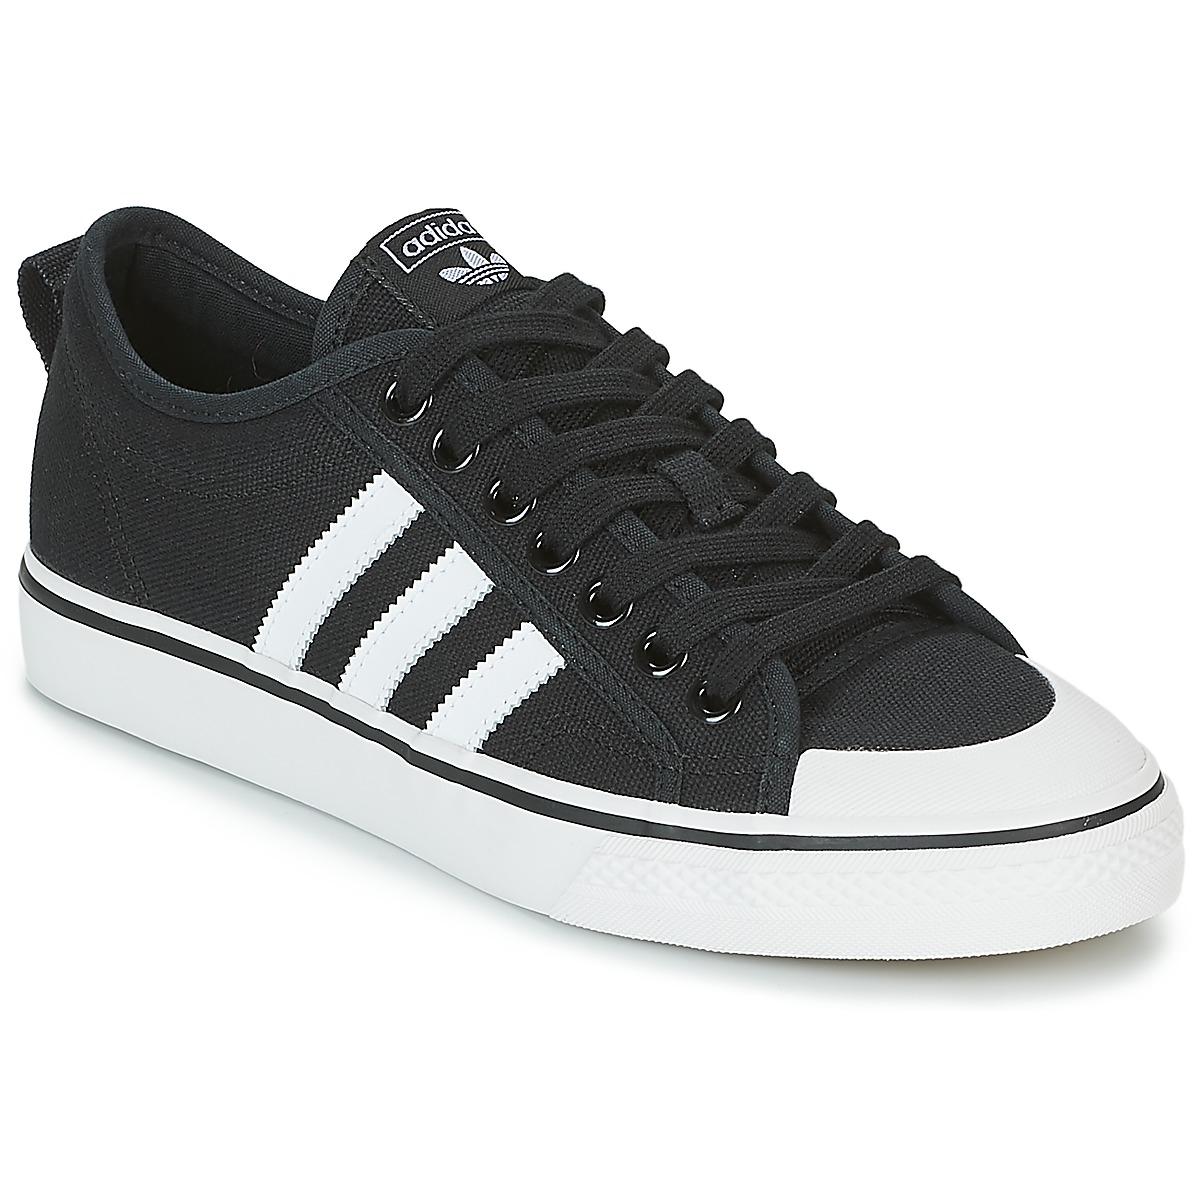 adidas Originals NIZZA Schwarz / Weiss - Kostenloser Versand bei Spartoode ! - Schuhe Sneaker Low  69,95 €